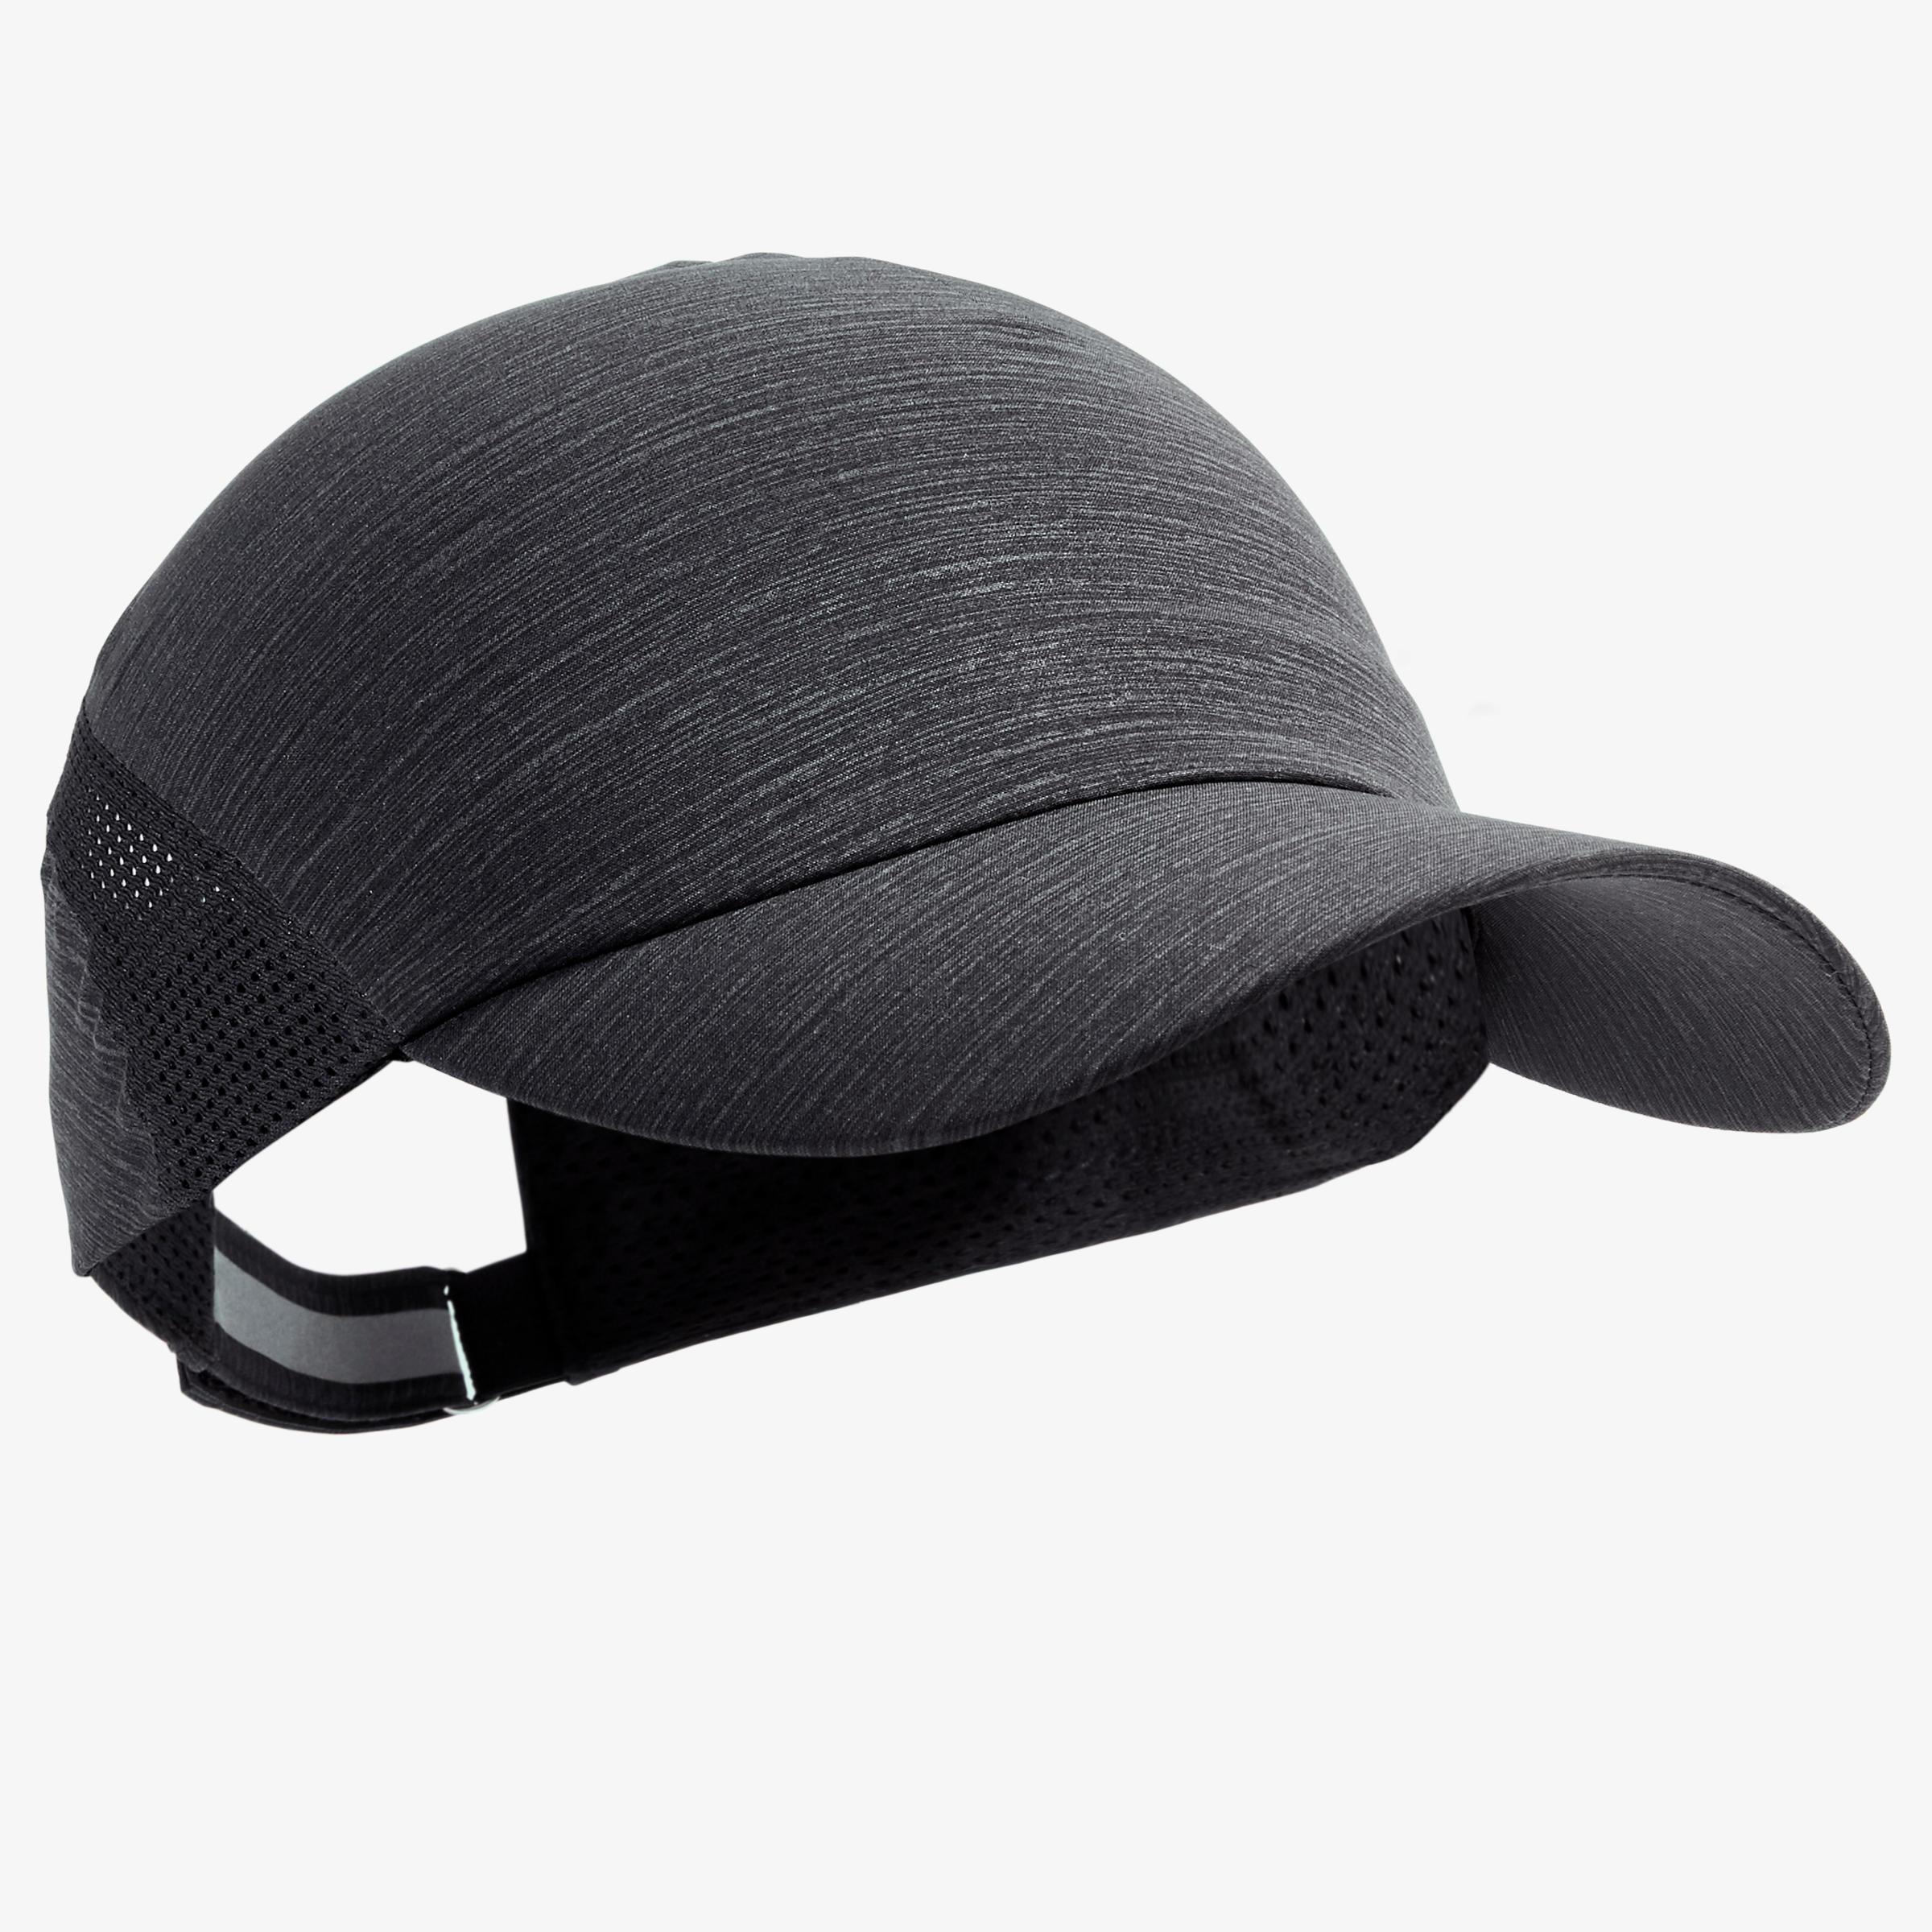 Lauf-Cap verstellbar Erwachsene | Accessoires > Caps | Kalenji